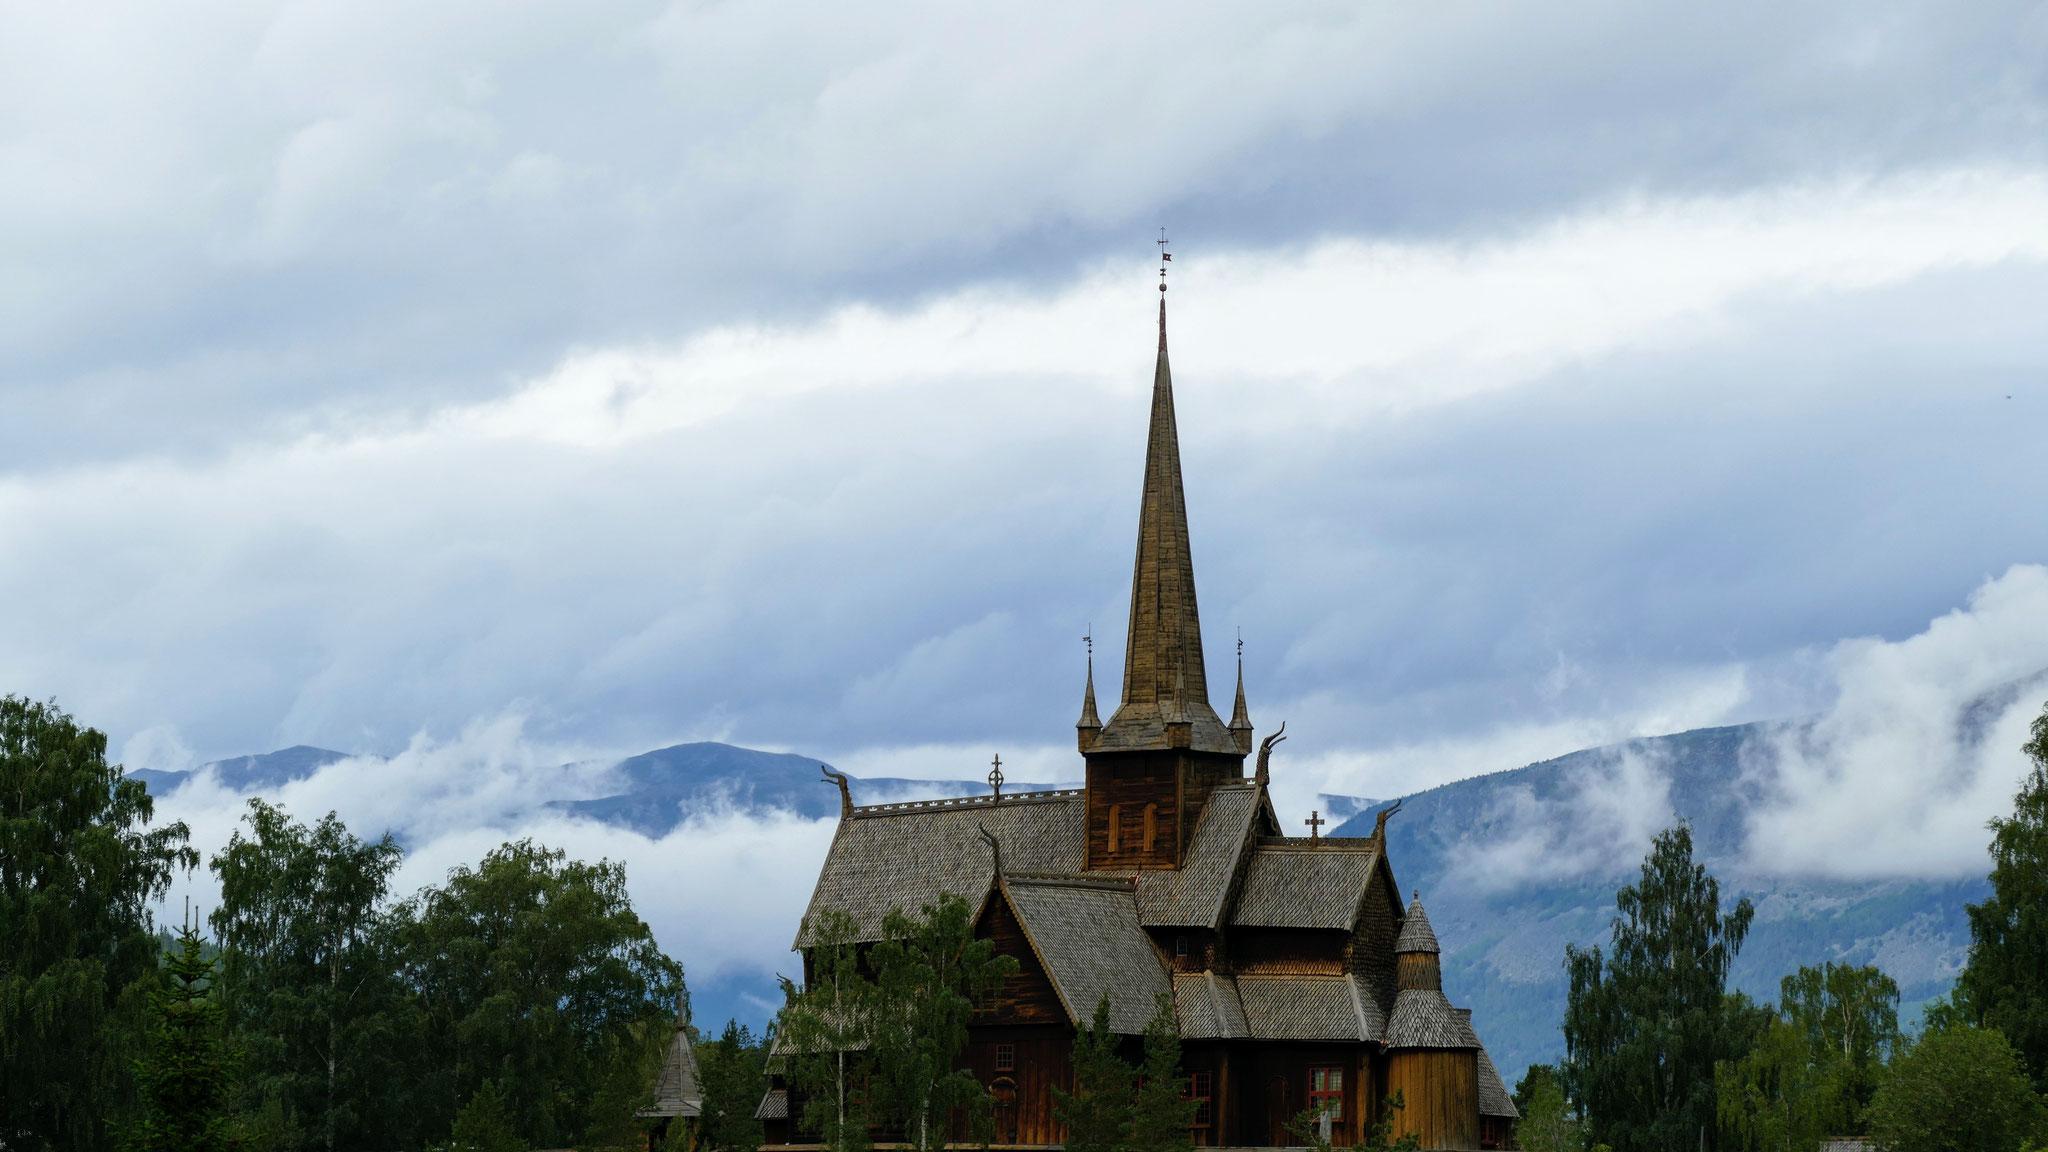 Die vielleicht schönste Stavkirjka in Norwegen steht in Lom